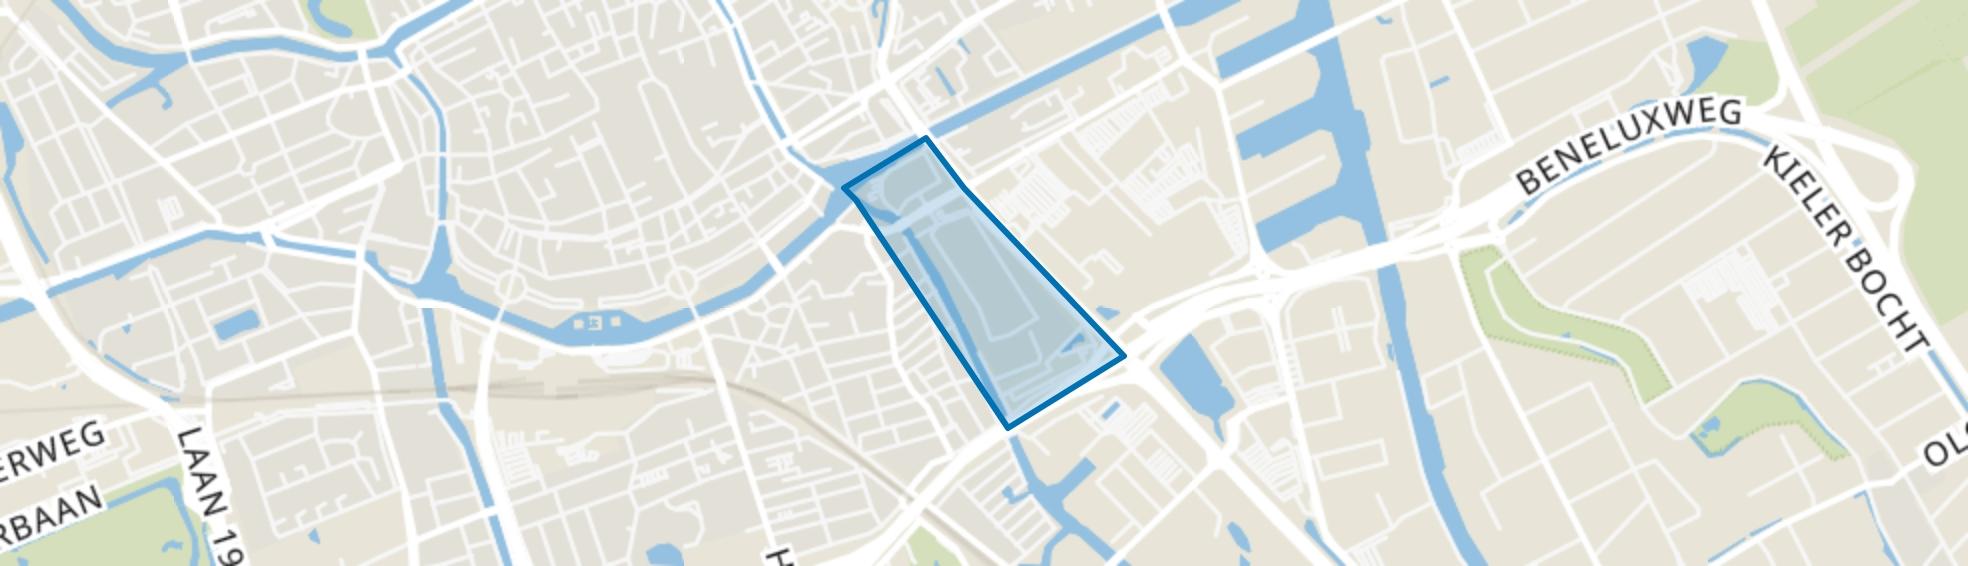 De Meeuwen, Groningen map